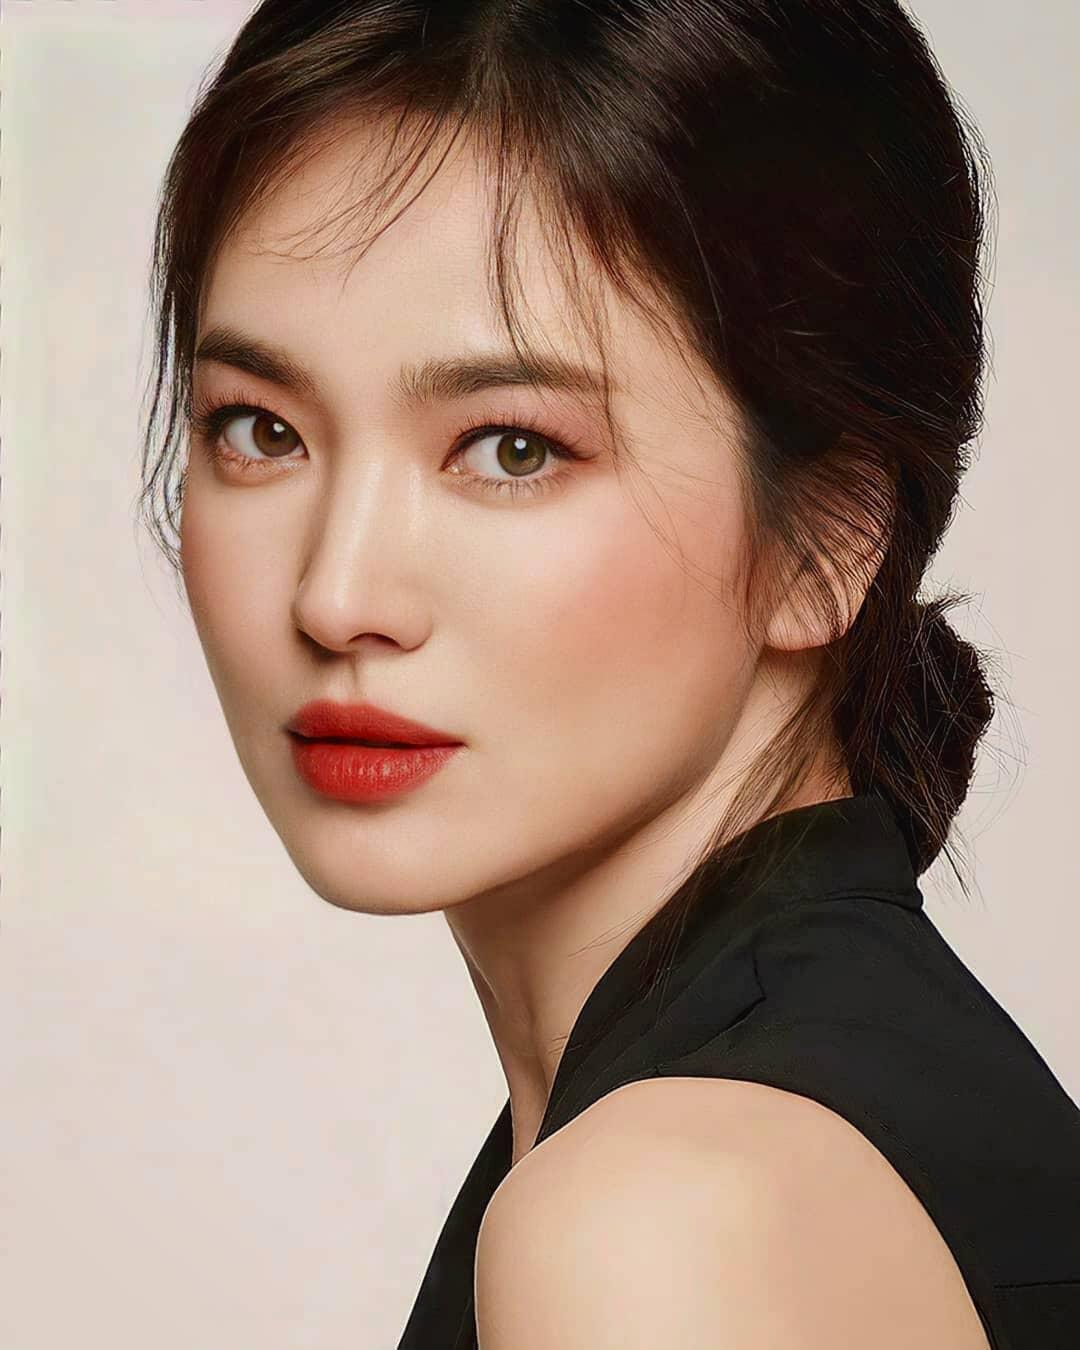 """Nhìn Song Hye Kyo makeup nhạt đã quen, nhưng nếu nhìn cô """"biến hình"""" makeup đậm qua ảnh của fan thì bạn sẽ ngỡ ngàng - Ảnh 5."""